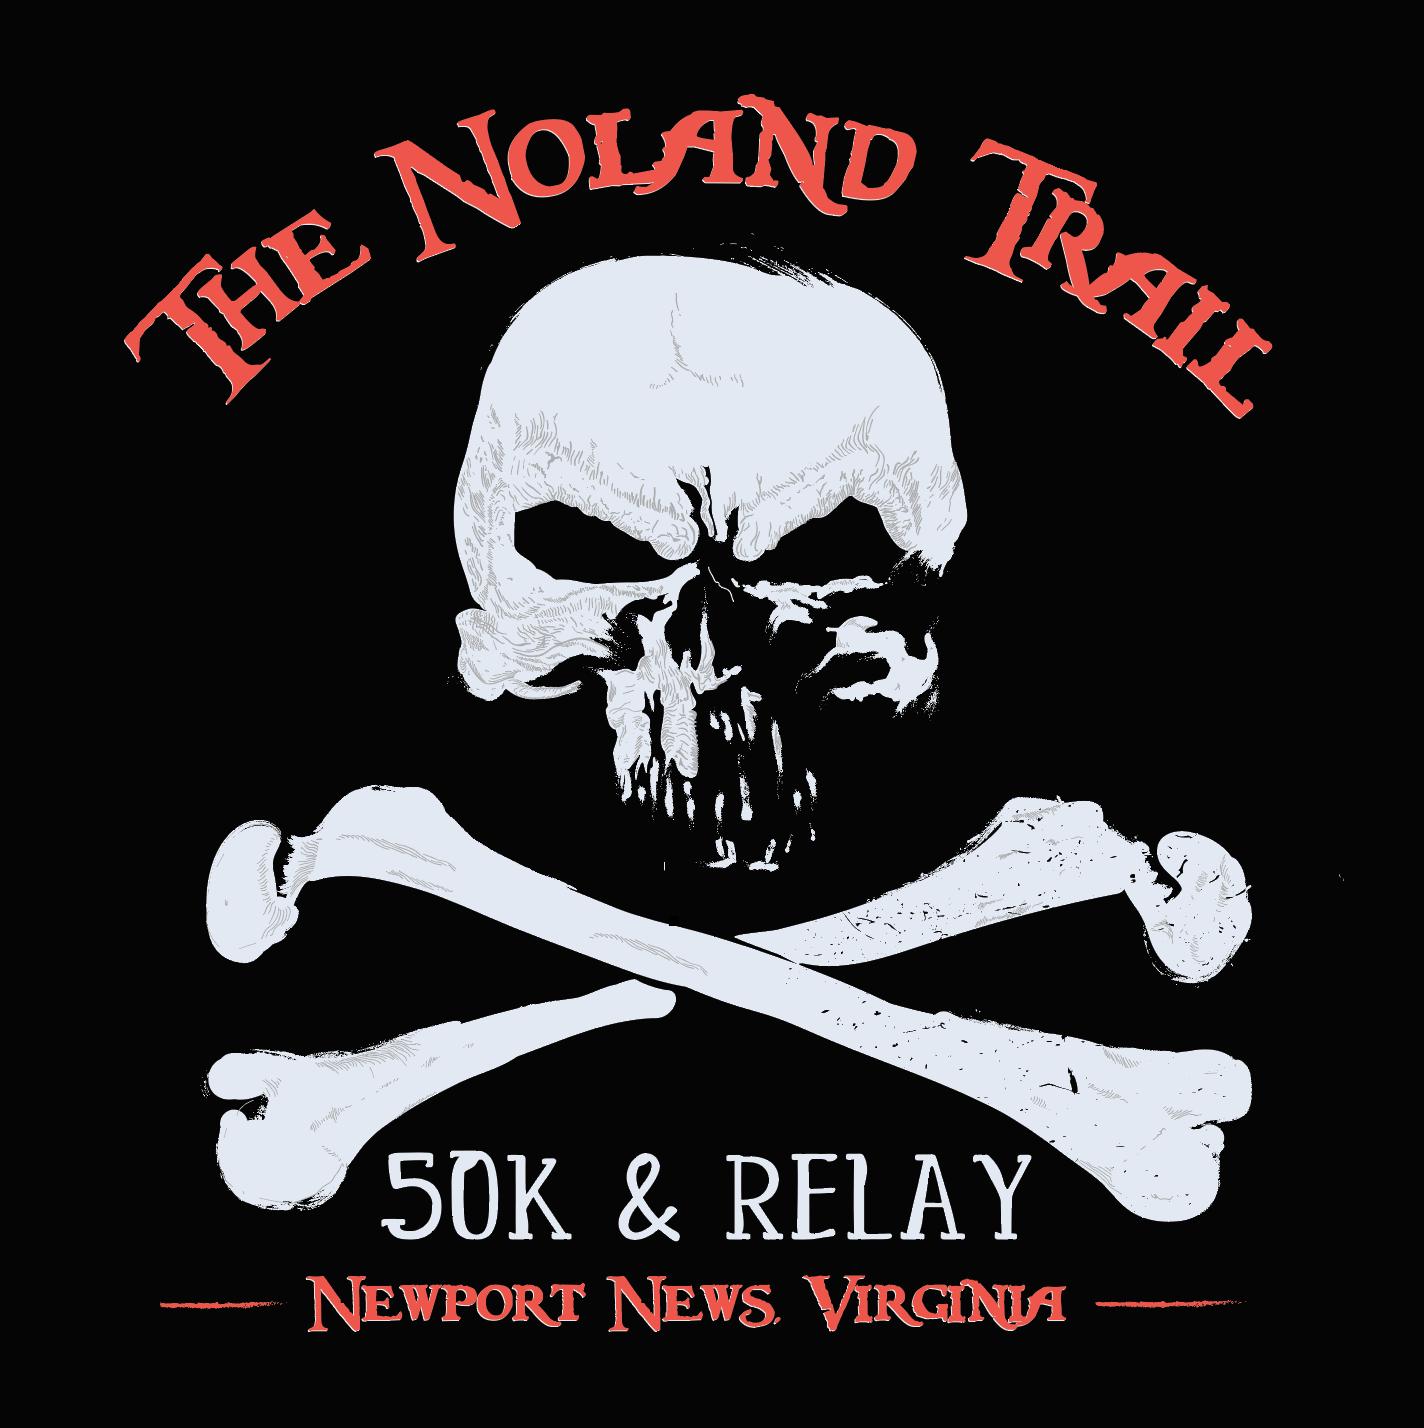 Noland Trail Marathon